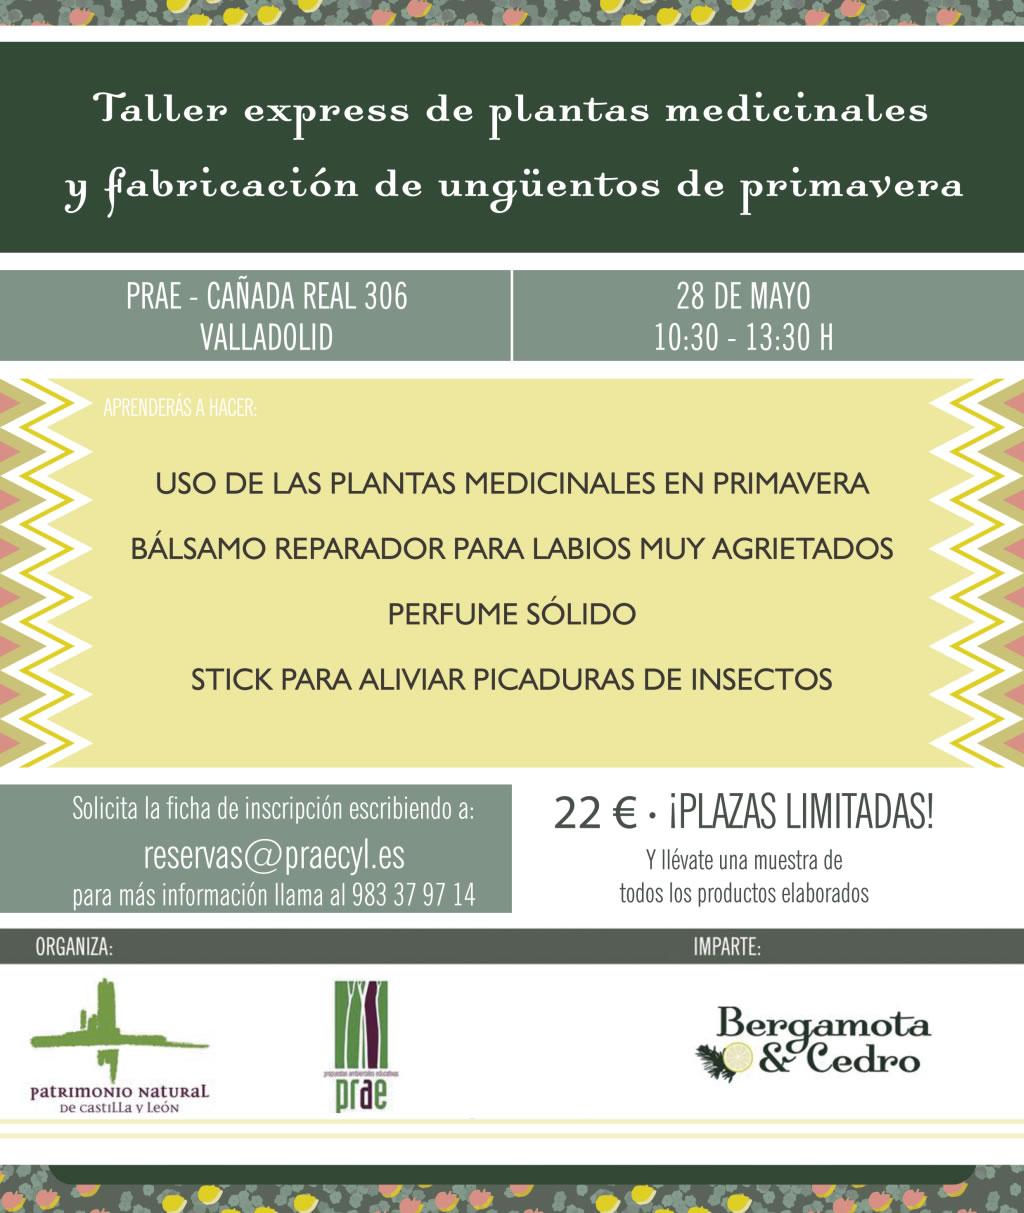 TALLER DE PLANTAS MEDICINALES Y FABRICACIÓN DE UNGÜENTOS